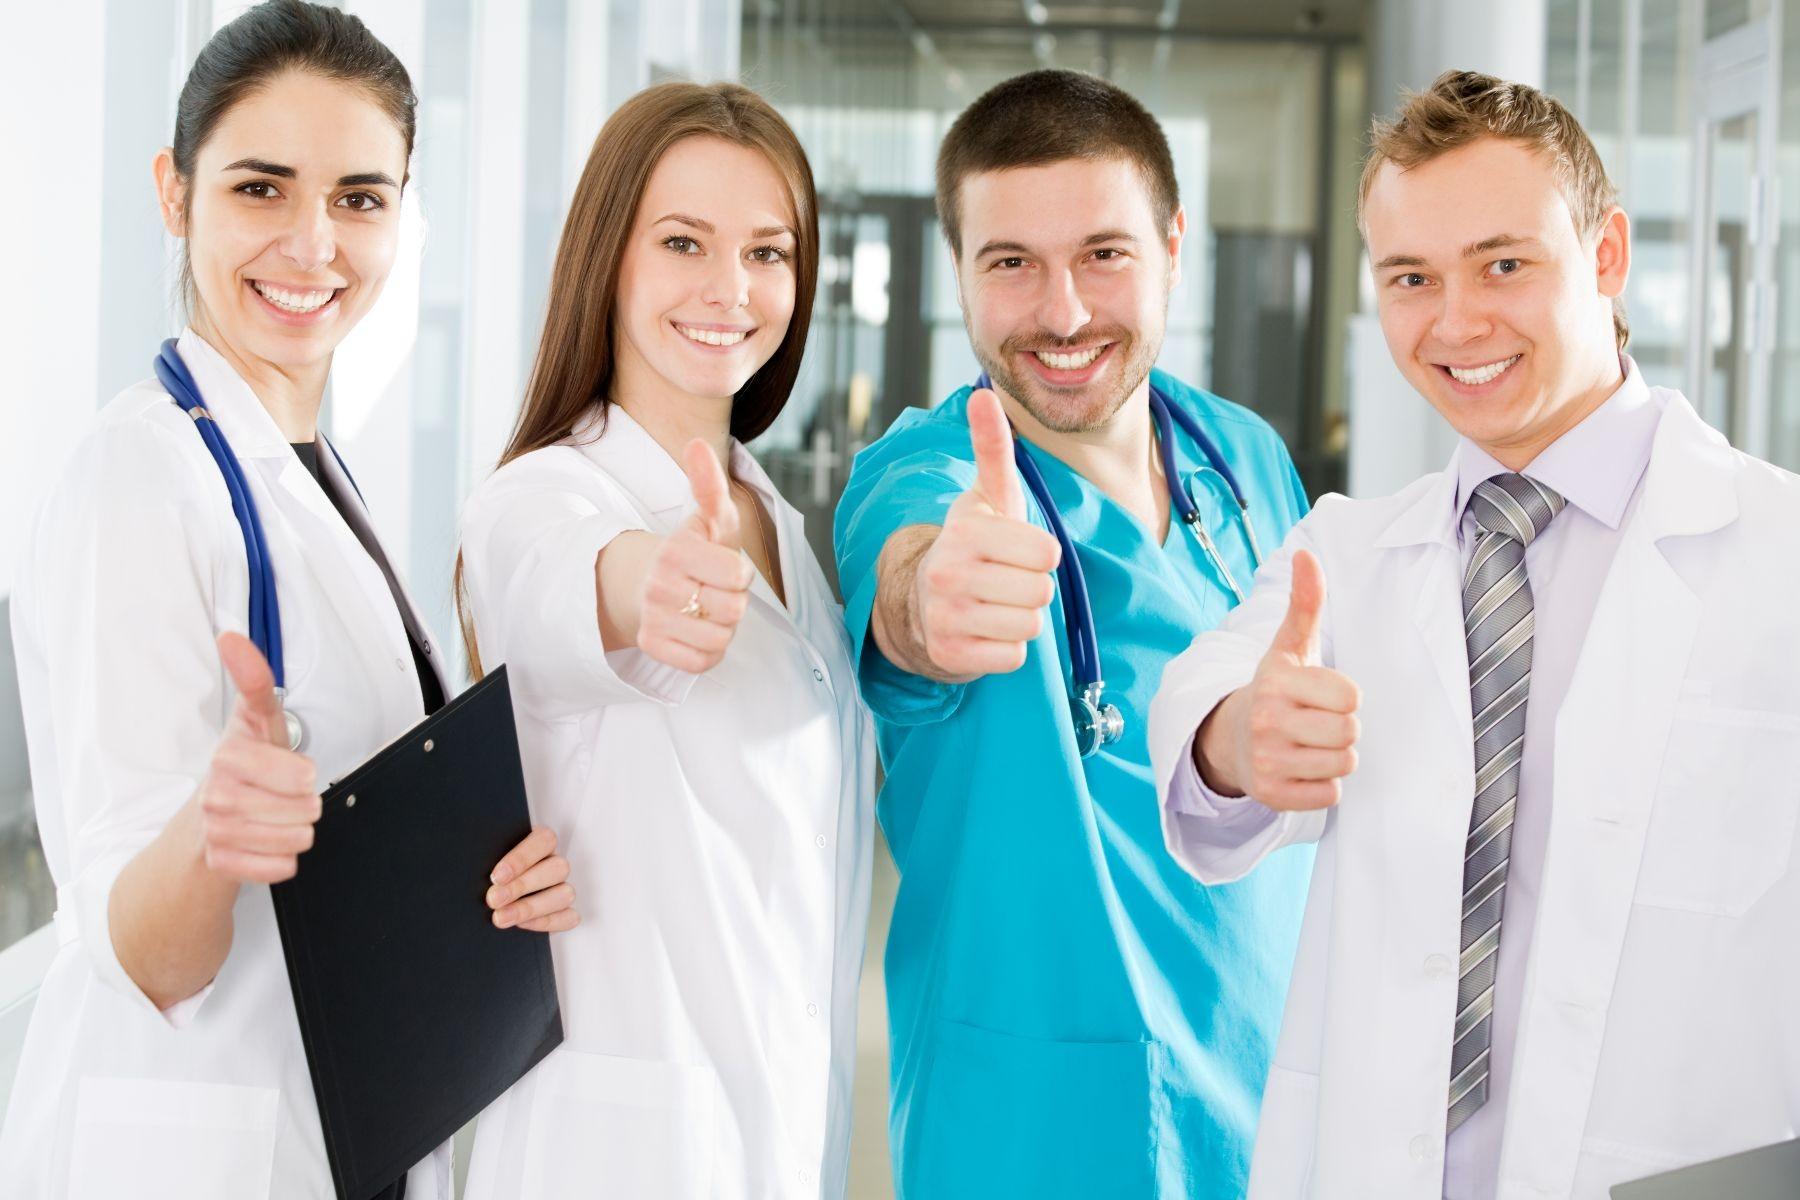 Equipo de especialistas en salud con el pulgar hacia arriba.